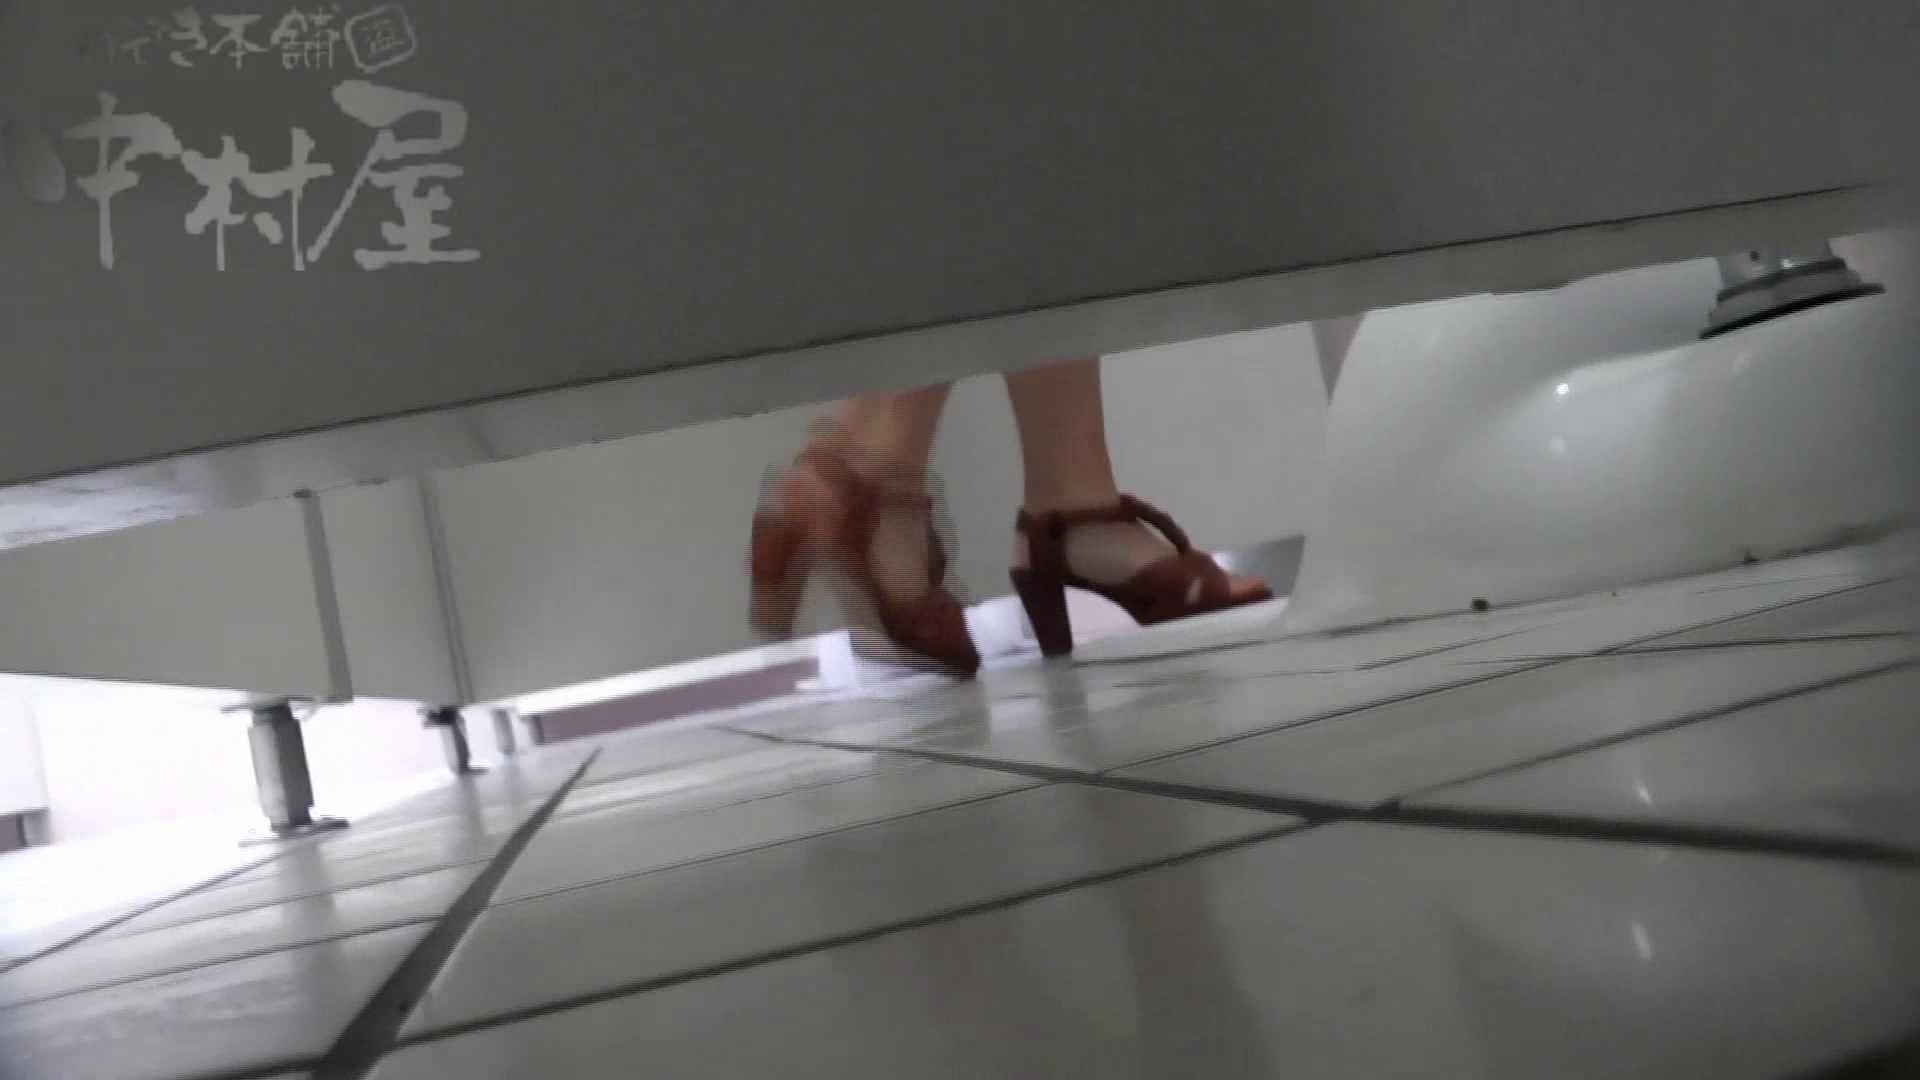 美しい日本の未来 No.34 緊迫!予告モデル撮ろうとしたら清掃員に遭遇 乙女のエロ動画 | 卑猥すぎ  79PIX 71